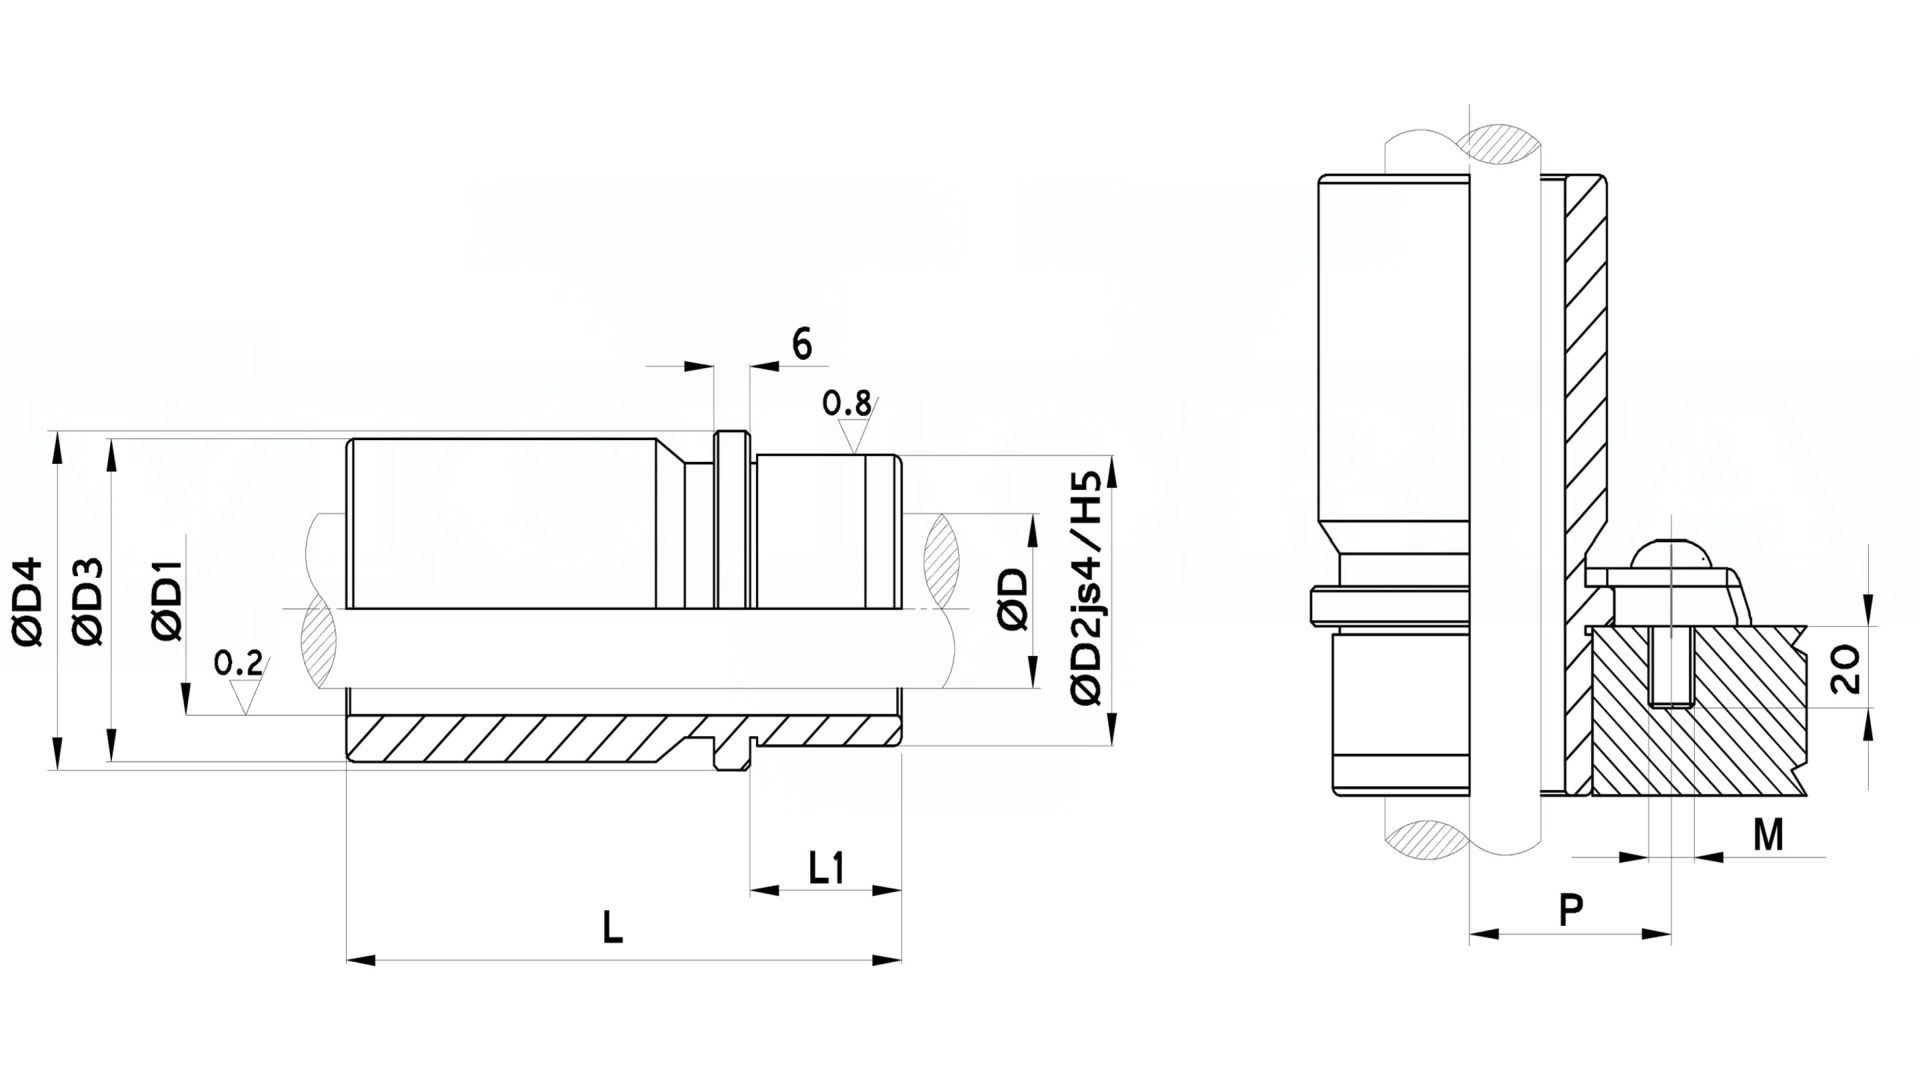 Immagini relative a bussole temprate